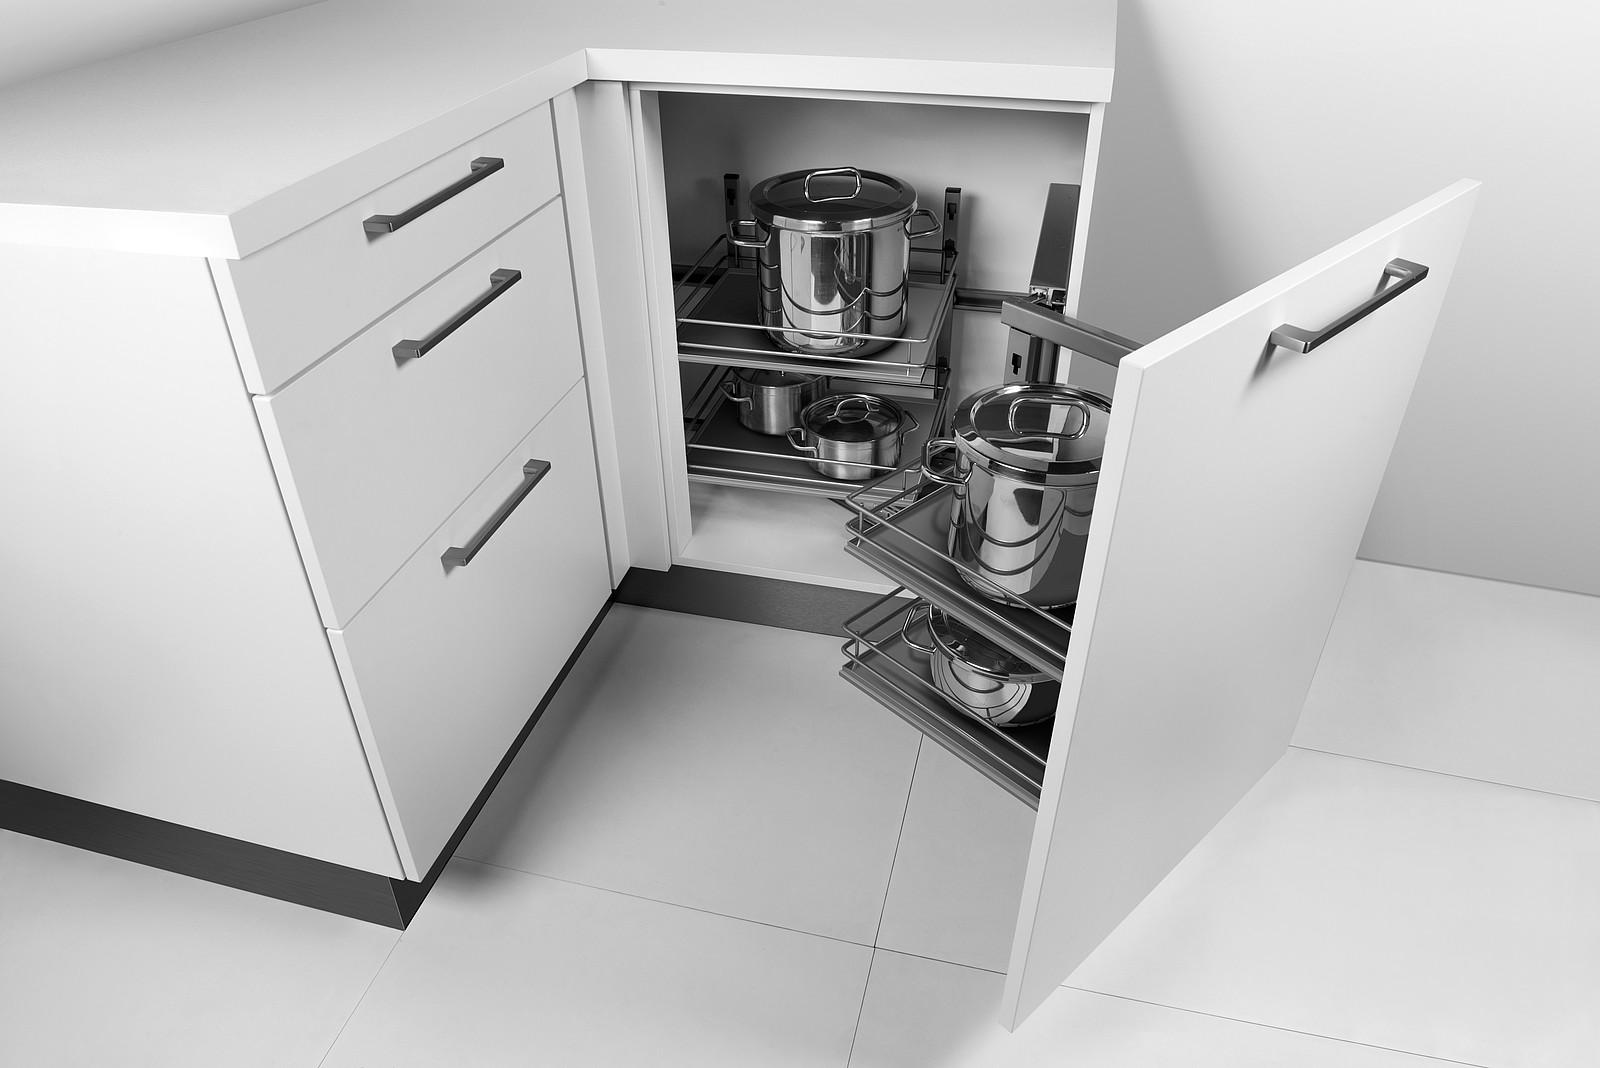 Full Size of Einlegeboden Nobilia Küche Einlegeboden Nolte Küche Einlegeboden Küchenschrank Einlegeboden Küchenschrank Ikea Küche Einlegeböden Küche